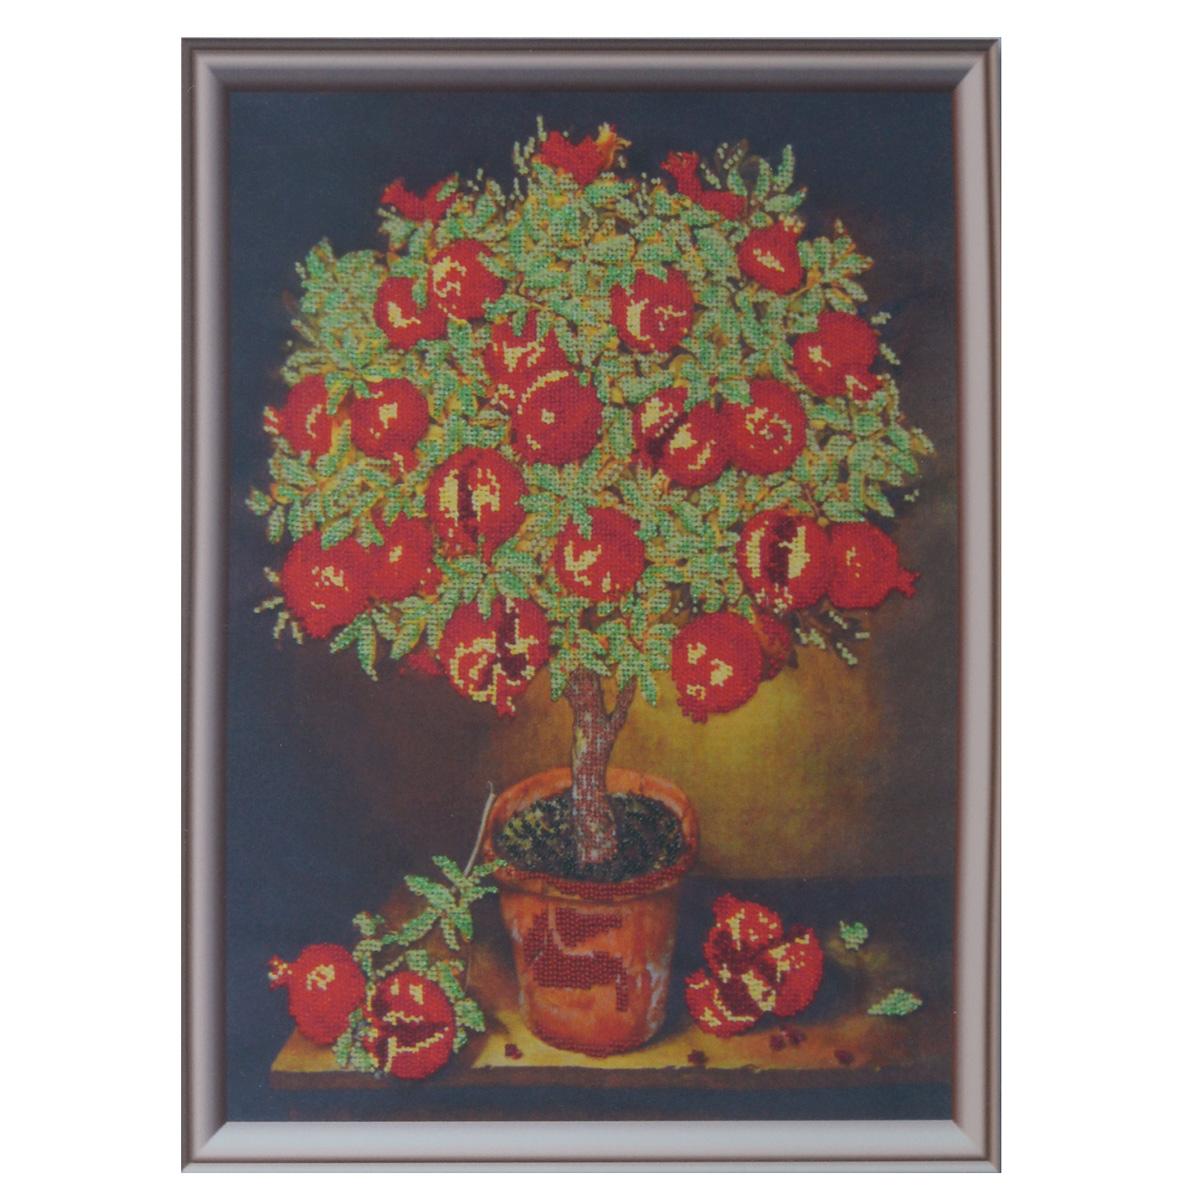 Набор для вышивания бисером Astrea Гранатовое дерево, 32 см х 40 см488382Набор для вышивания бисером Astrea Гранатовое дерево поможет вам создать свой собственный шедевр - красивую картину, частично вышитую бисером по цветному фону. Вышивание отвлечет вас от повседневных забот и превратится в увлекательное занятие! Работа, сделанная своими руками, создаст особый уют и атмосферу в доме и долгие годы будет радовать вас и ваших близких, а подарок, выполненный собственноручно, станет самым ценным для друзей и знакомых. В набор входят: - ткань с нанесенным цветным рисунком, - бисер Preciosa Ornela (Чехия) - 10 цветов, - игла для бисера, - инструкция на русском языке.